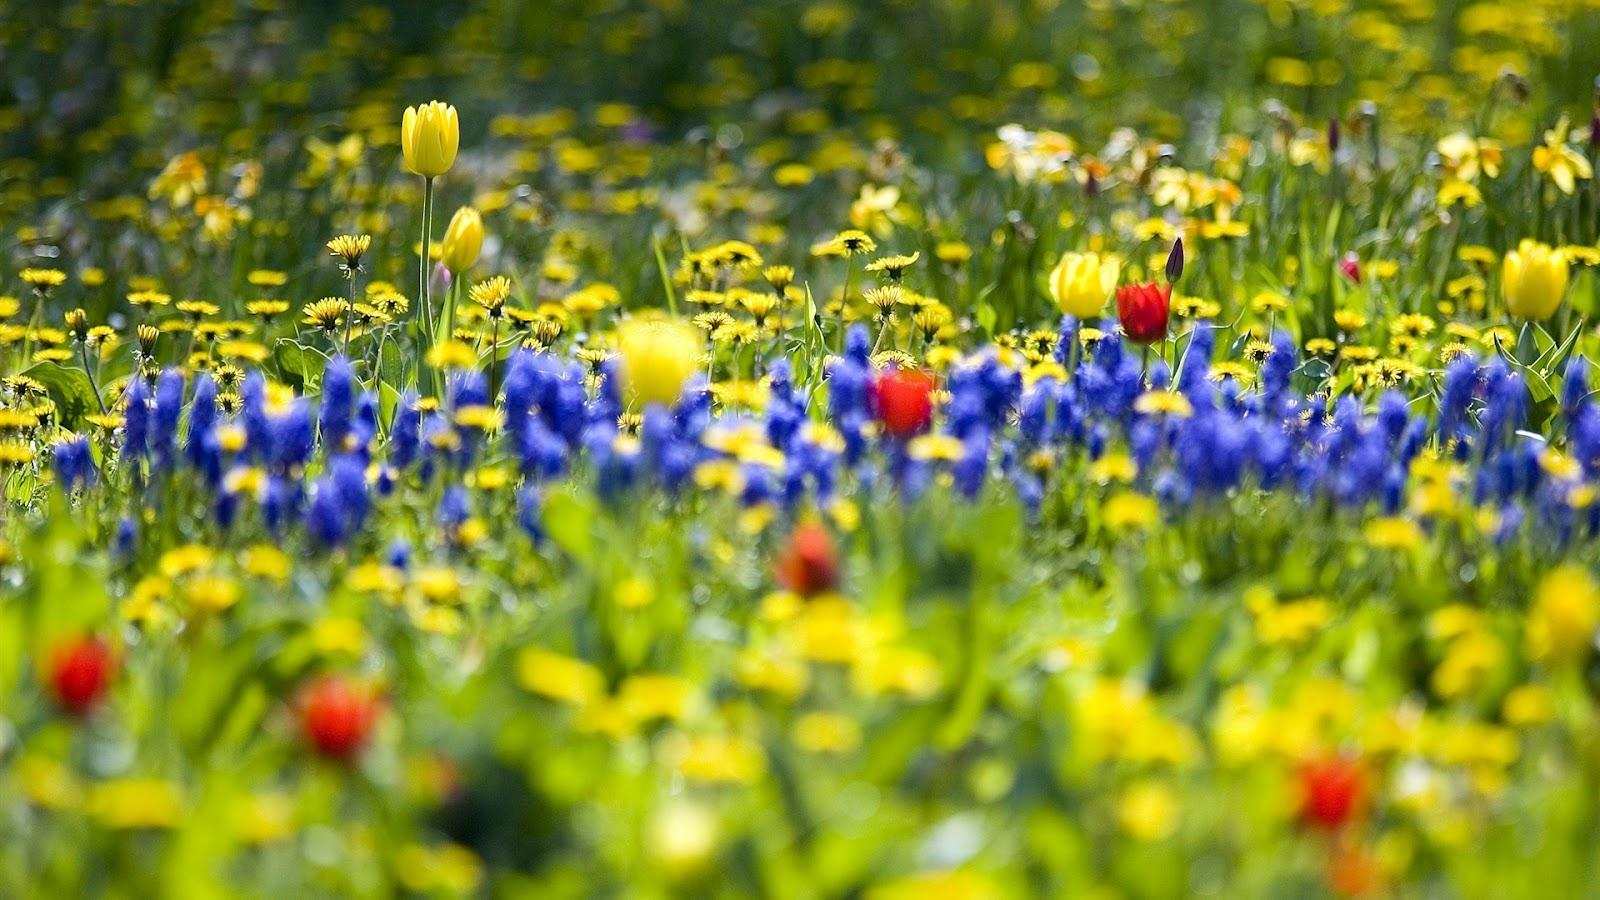 http://1.bp.blogspot.com/-CPY_g9uLfic/T9GXdTFaWTI/AAAAAAAAD-8/ZQjWKtAB7Lk/s1600/Bloom+Flower+Wallpaper+7.jpg